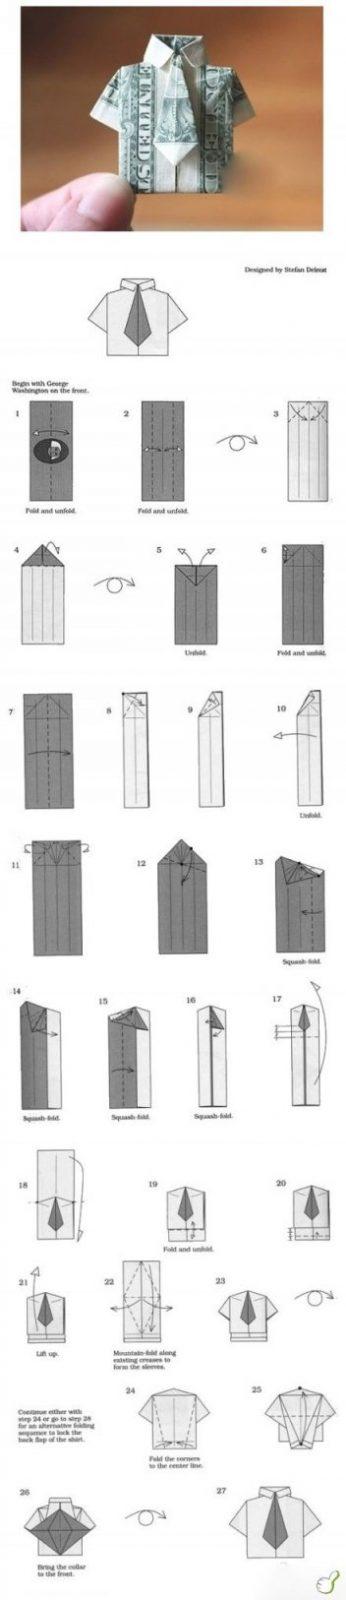 Origami Geldgeschenk Hemd Mit Krawatte  Basteln  Geldschein von Origami Hemd Mit Krawatte Bild